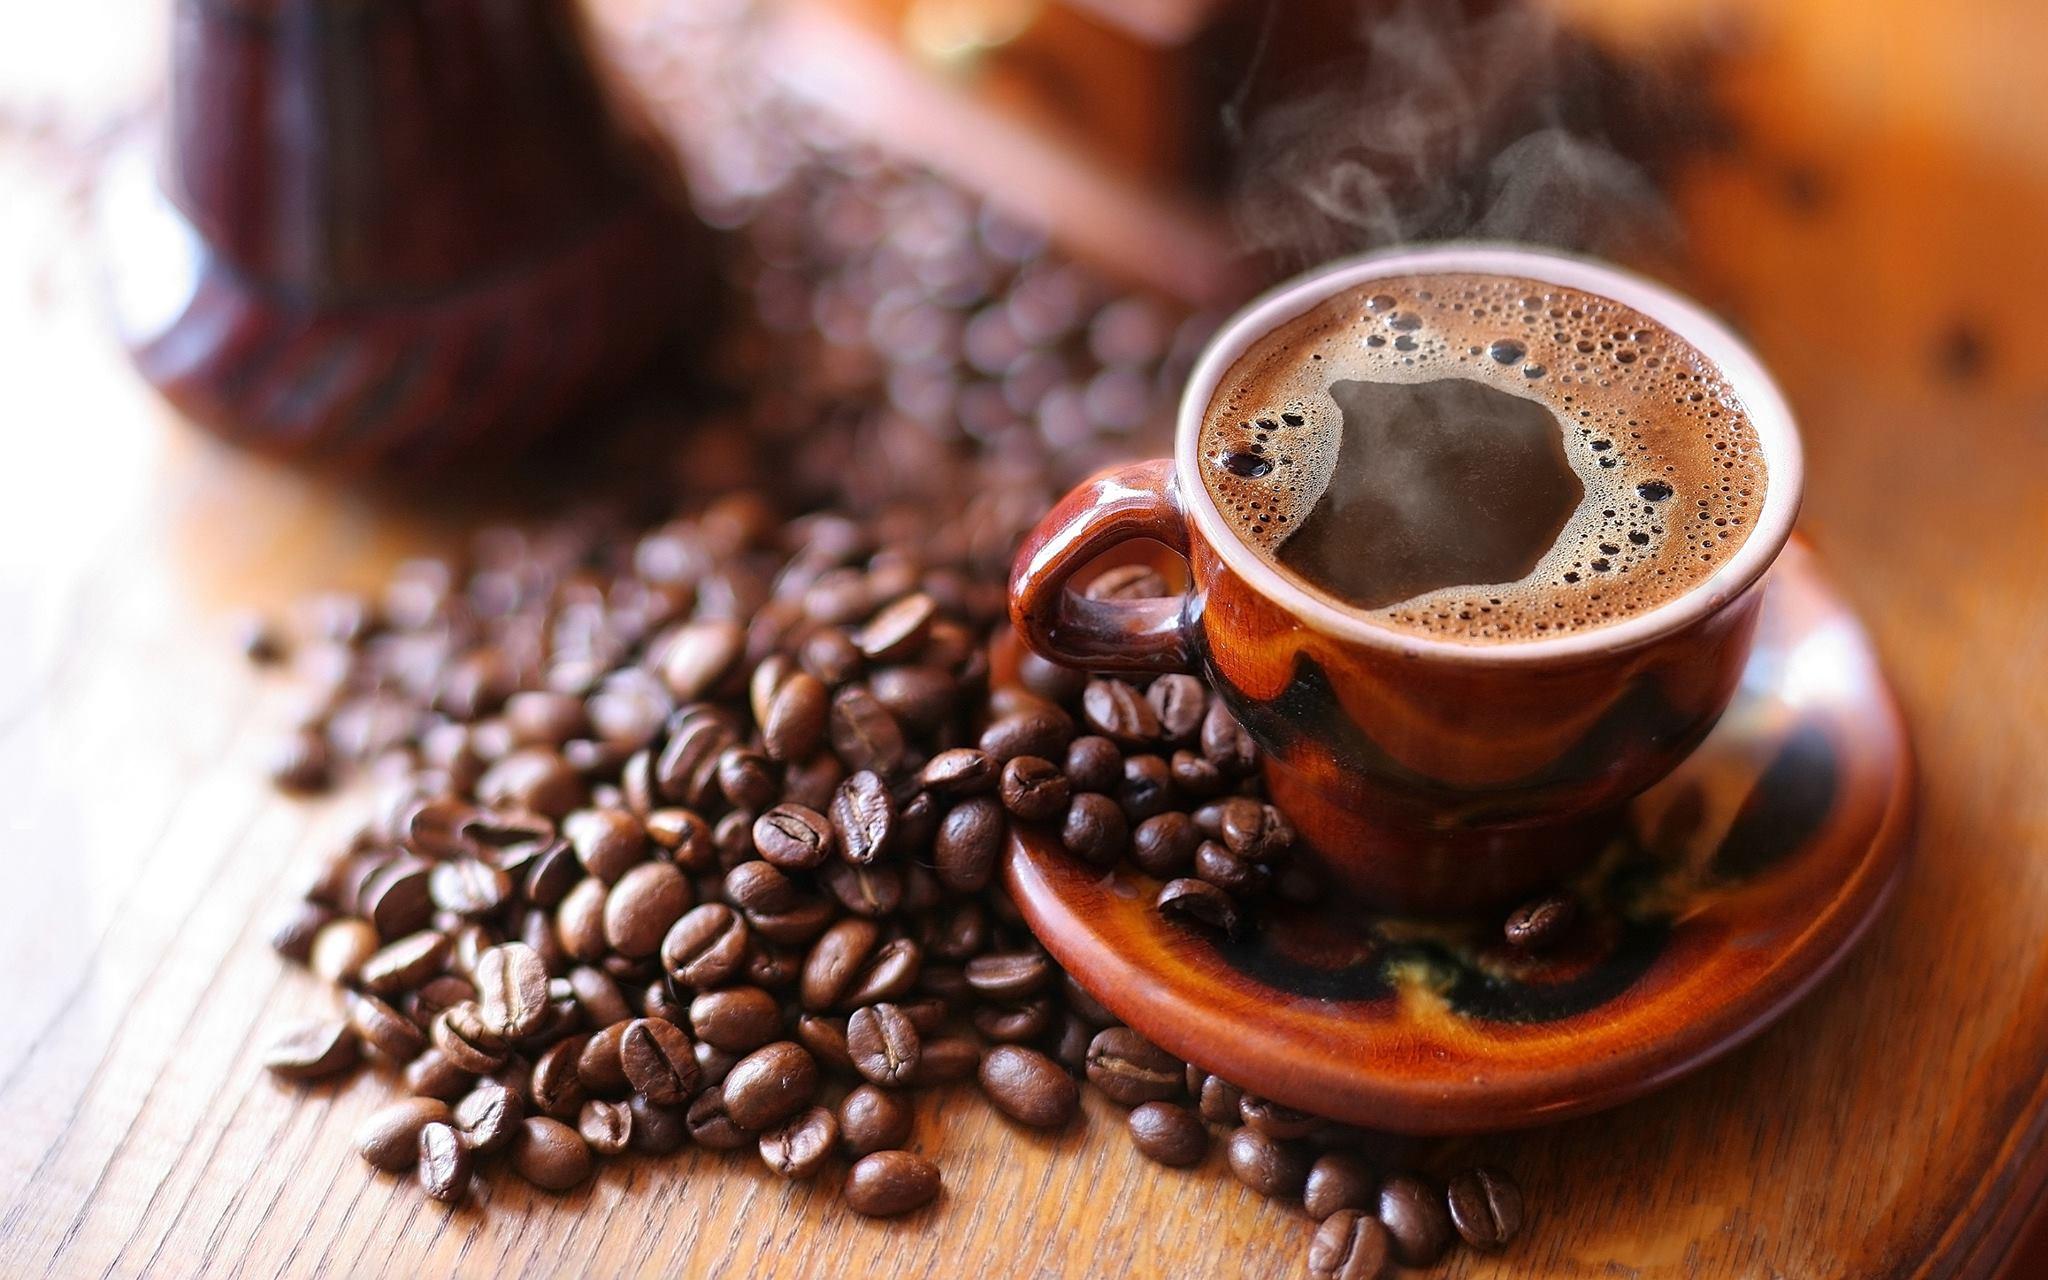 Hương vị của cà phê chồn gồm nhiều tầng độc đáo